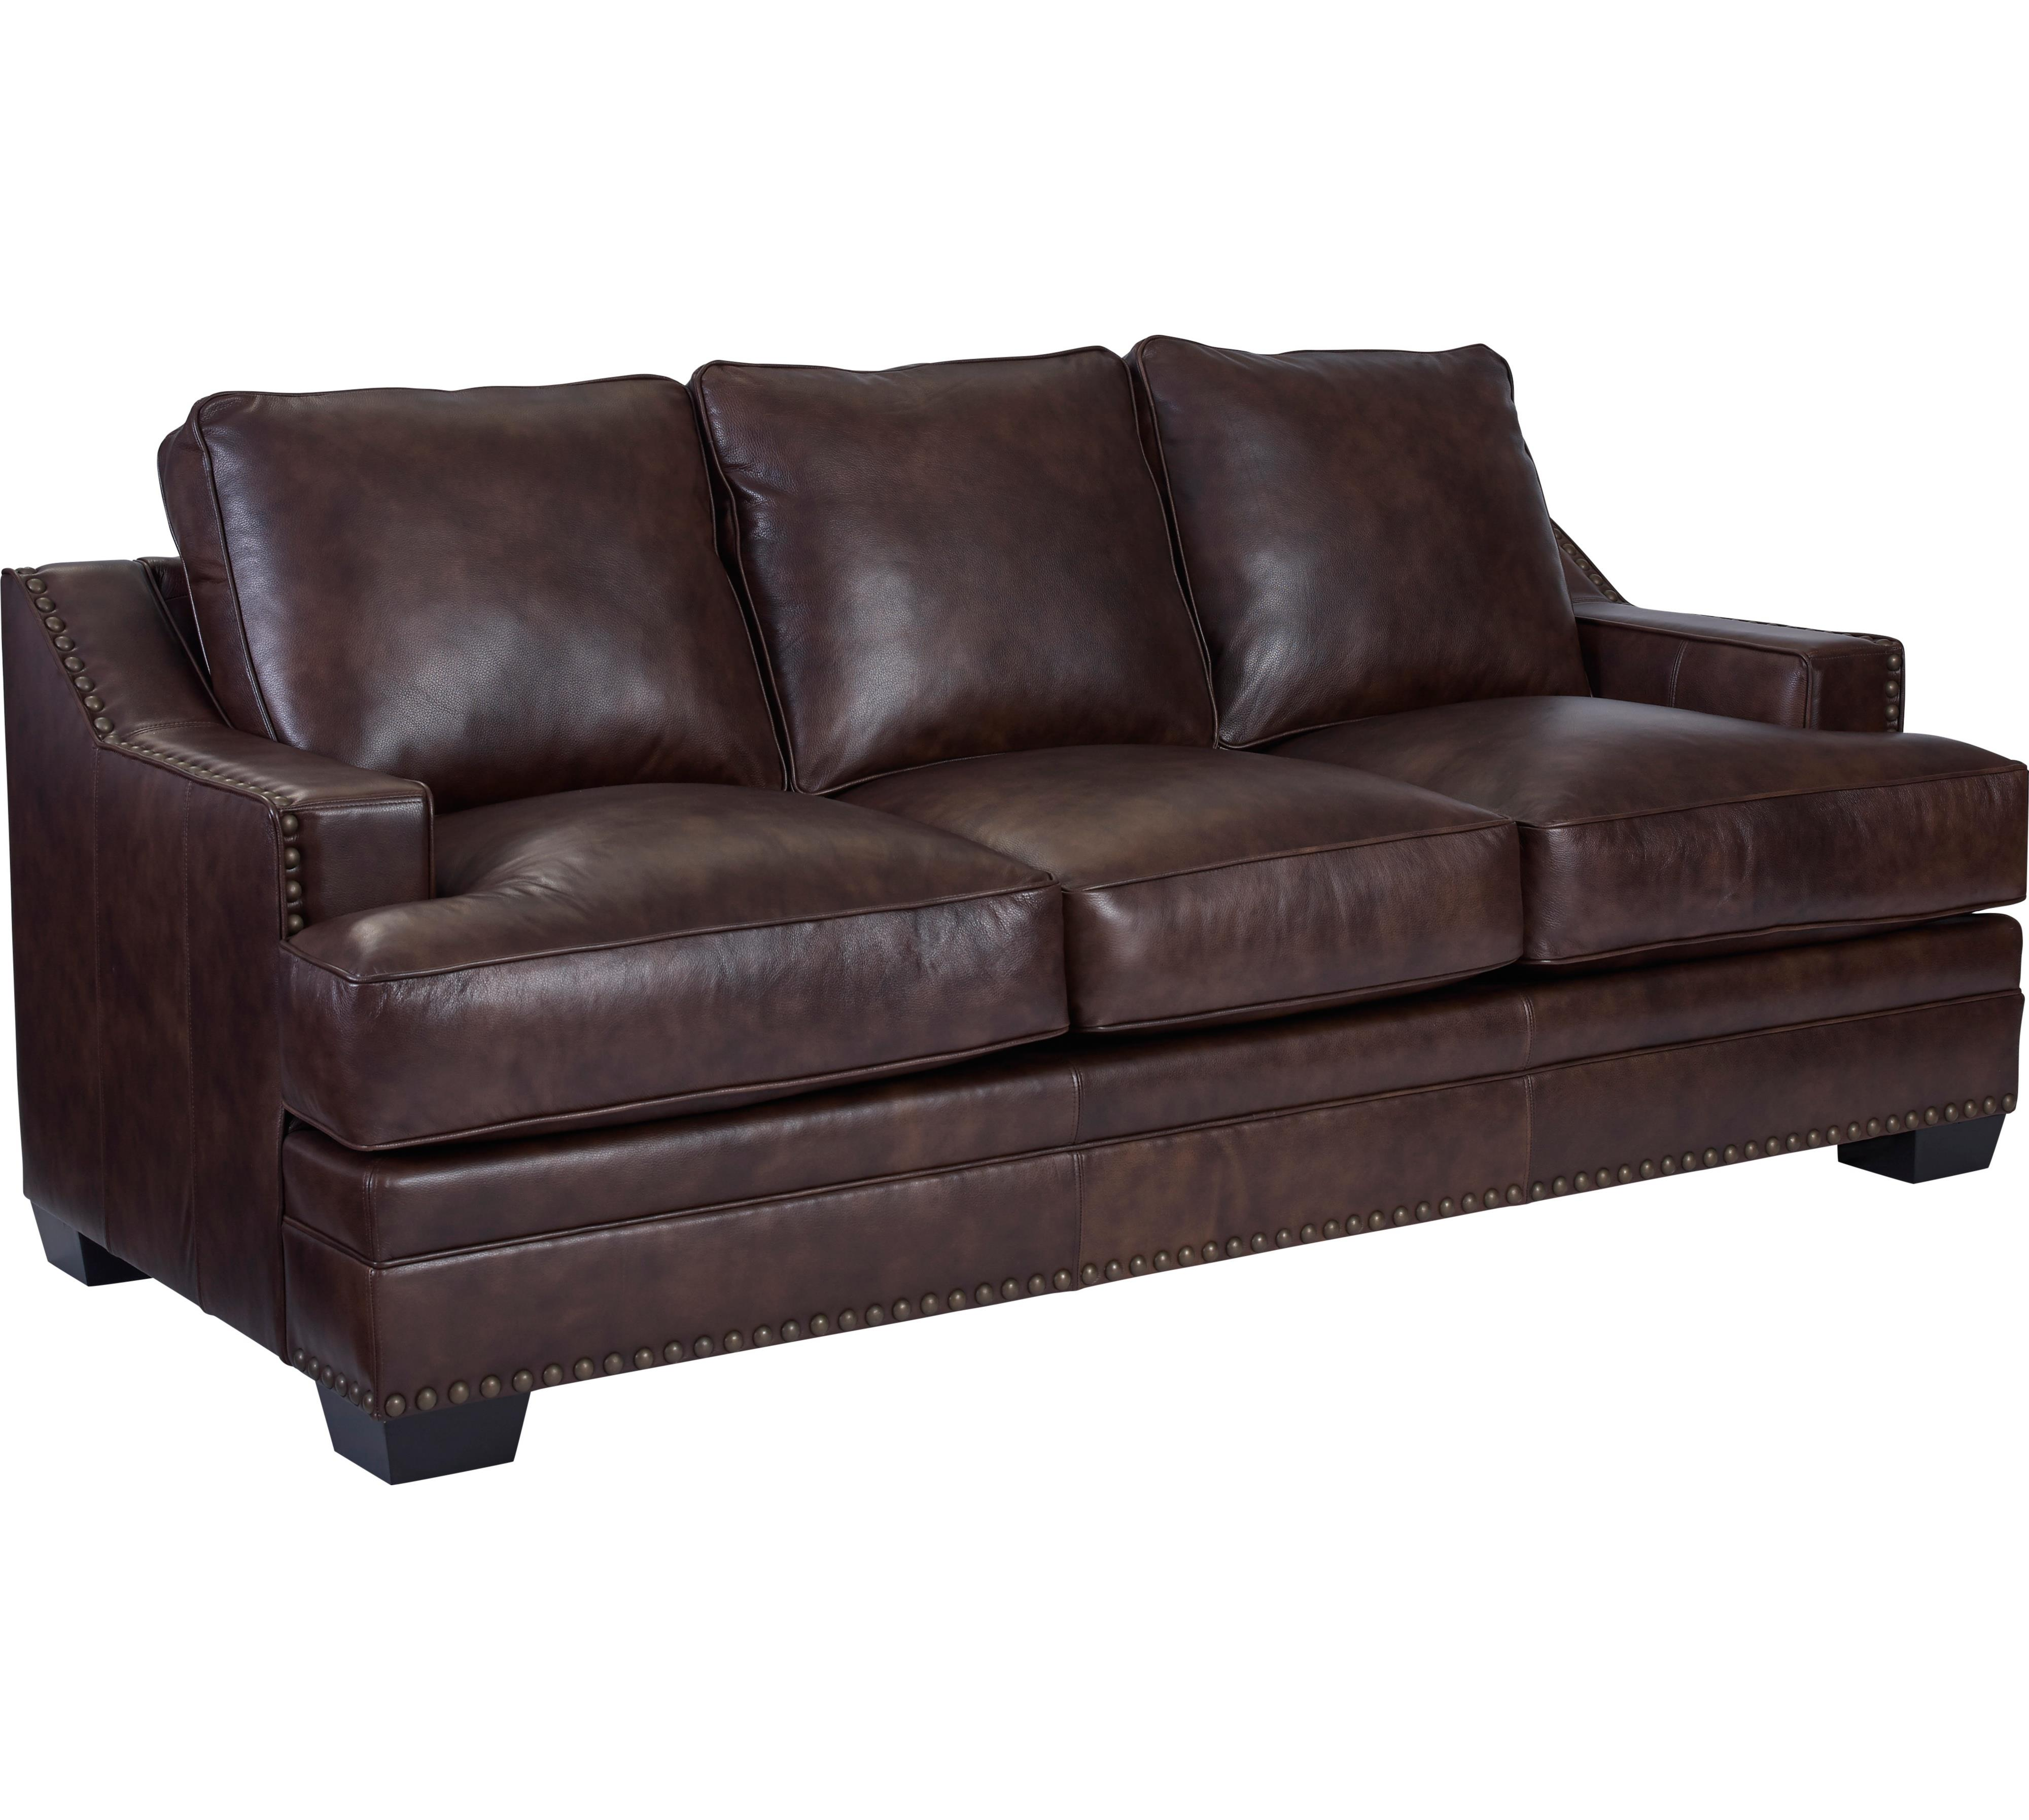 Broyhill Furniture Estes Park Sofa - Item Number: L4263-3-0063-89